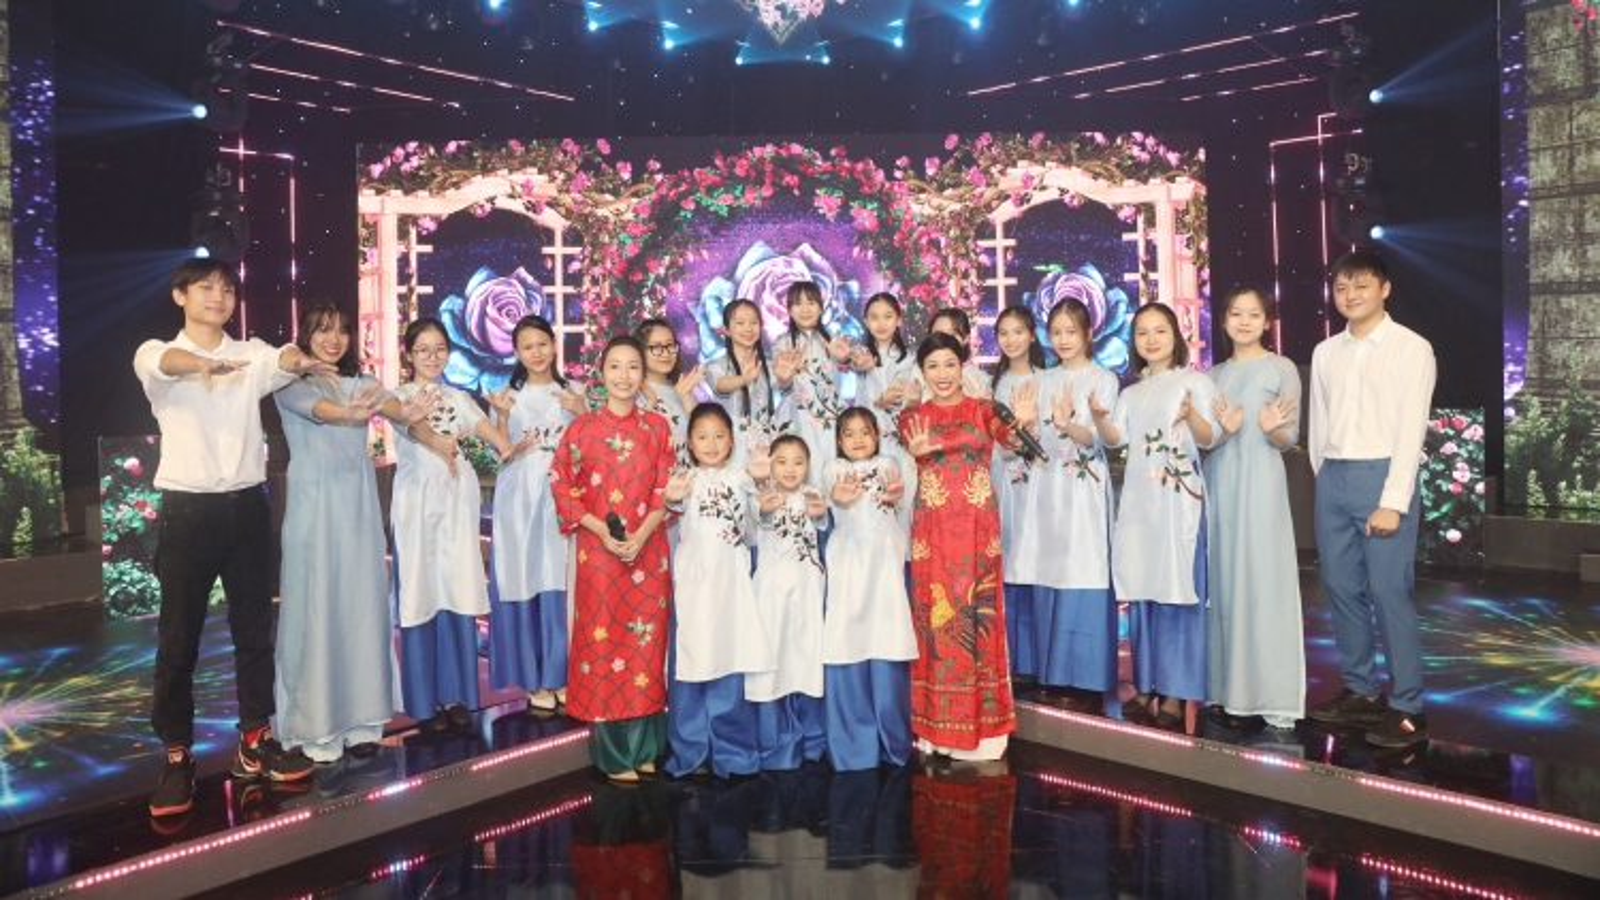 """Hồ Ngọc Hà, Mỹ Linh, Châu Bùi truyền """"cảm hứng bất tận"""" chào năm mới"""